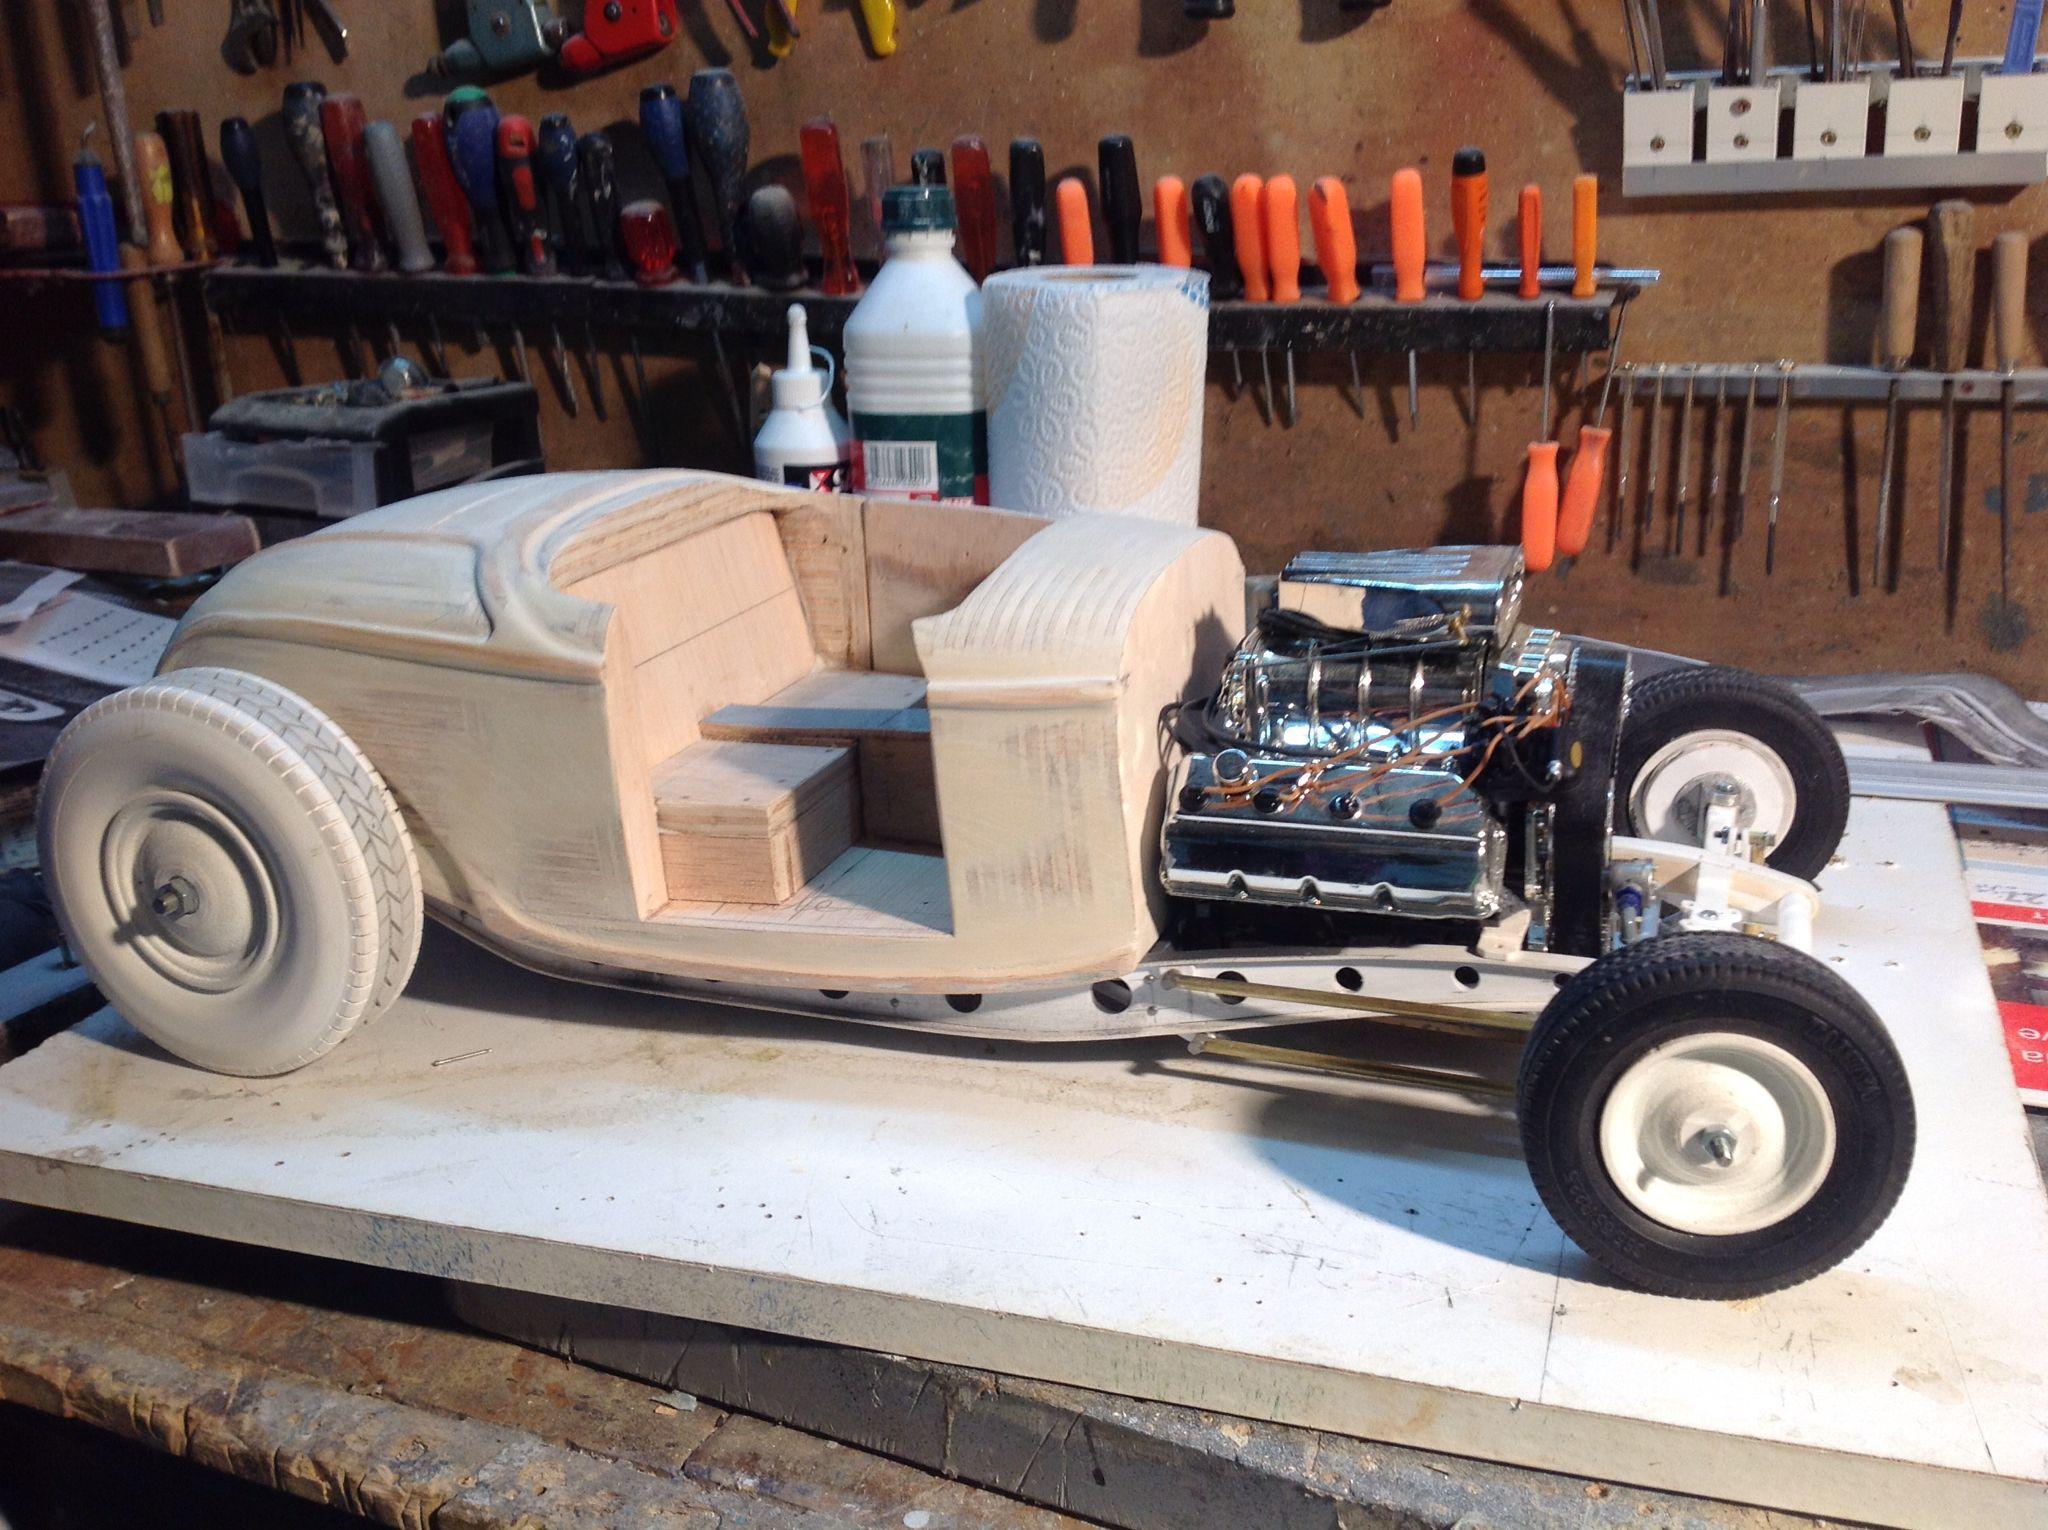 maquette carrosserie pr te pour recevoir la couche d appr t maquette hot rod ford 1932 chelle. Black Bedroom Furniture Sets. Home Design Ideas